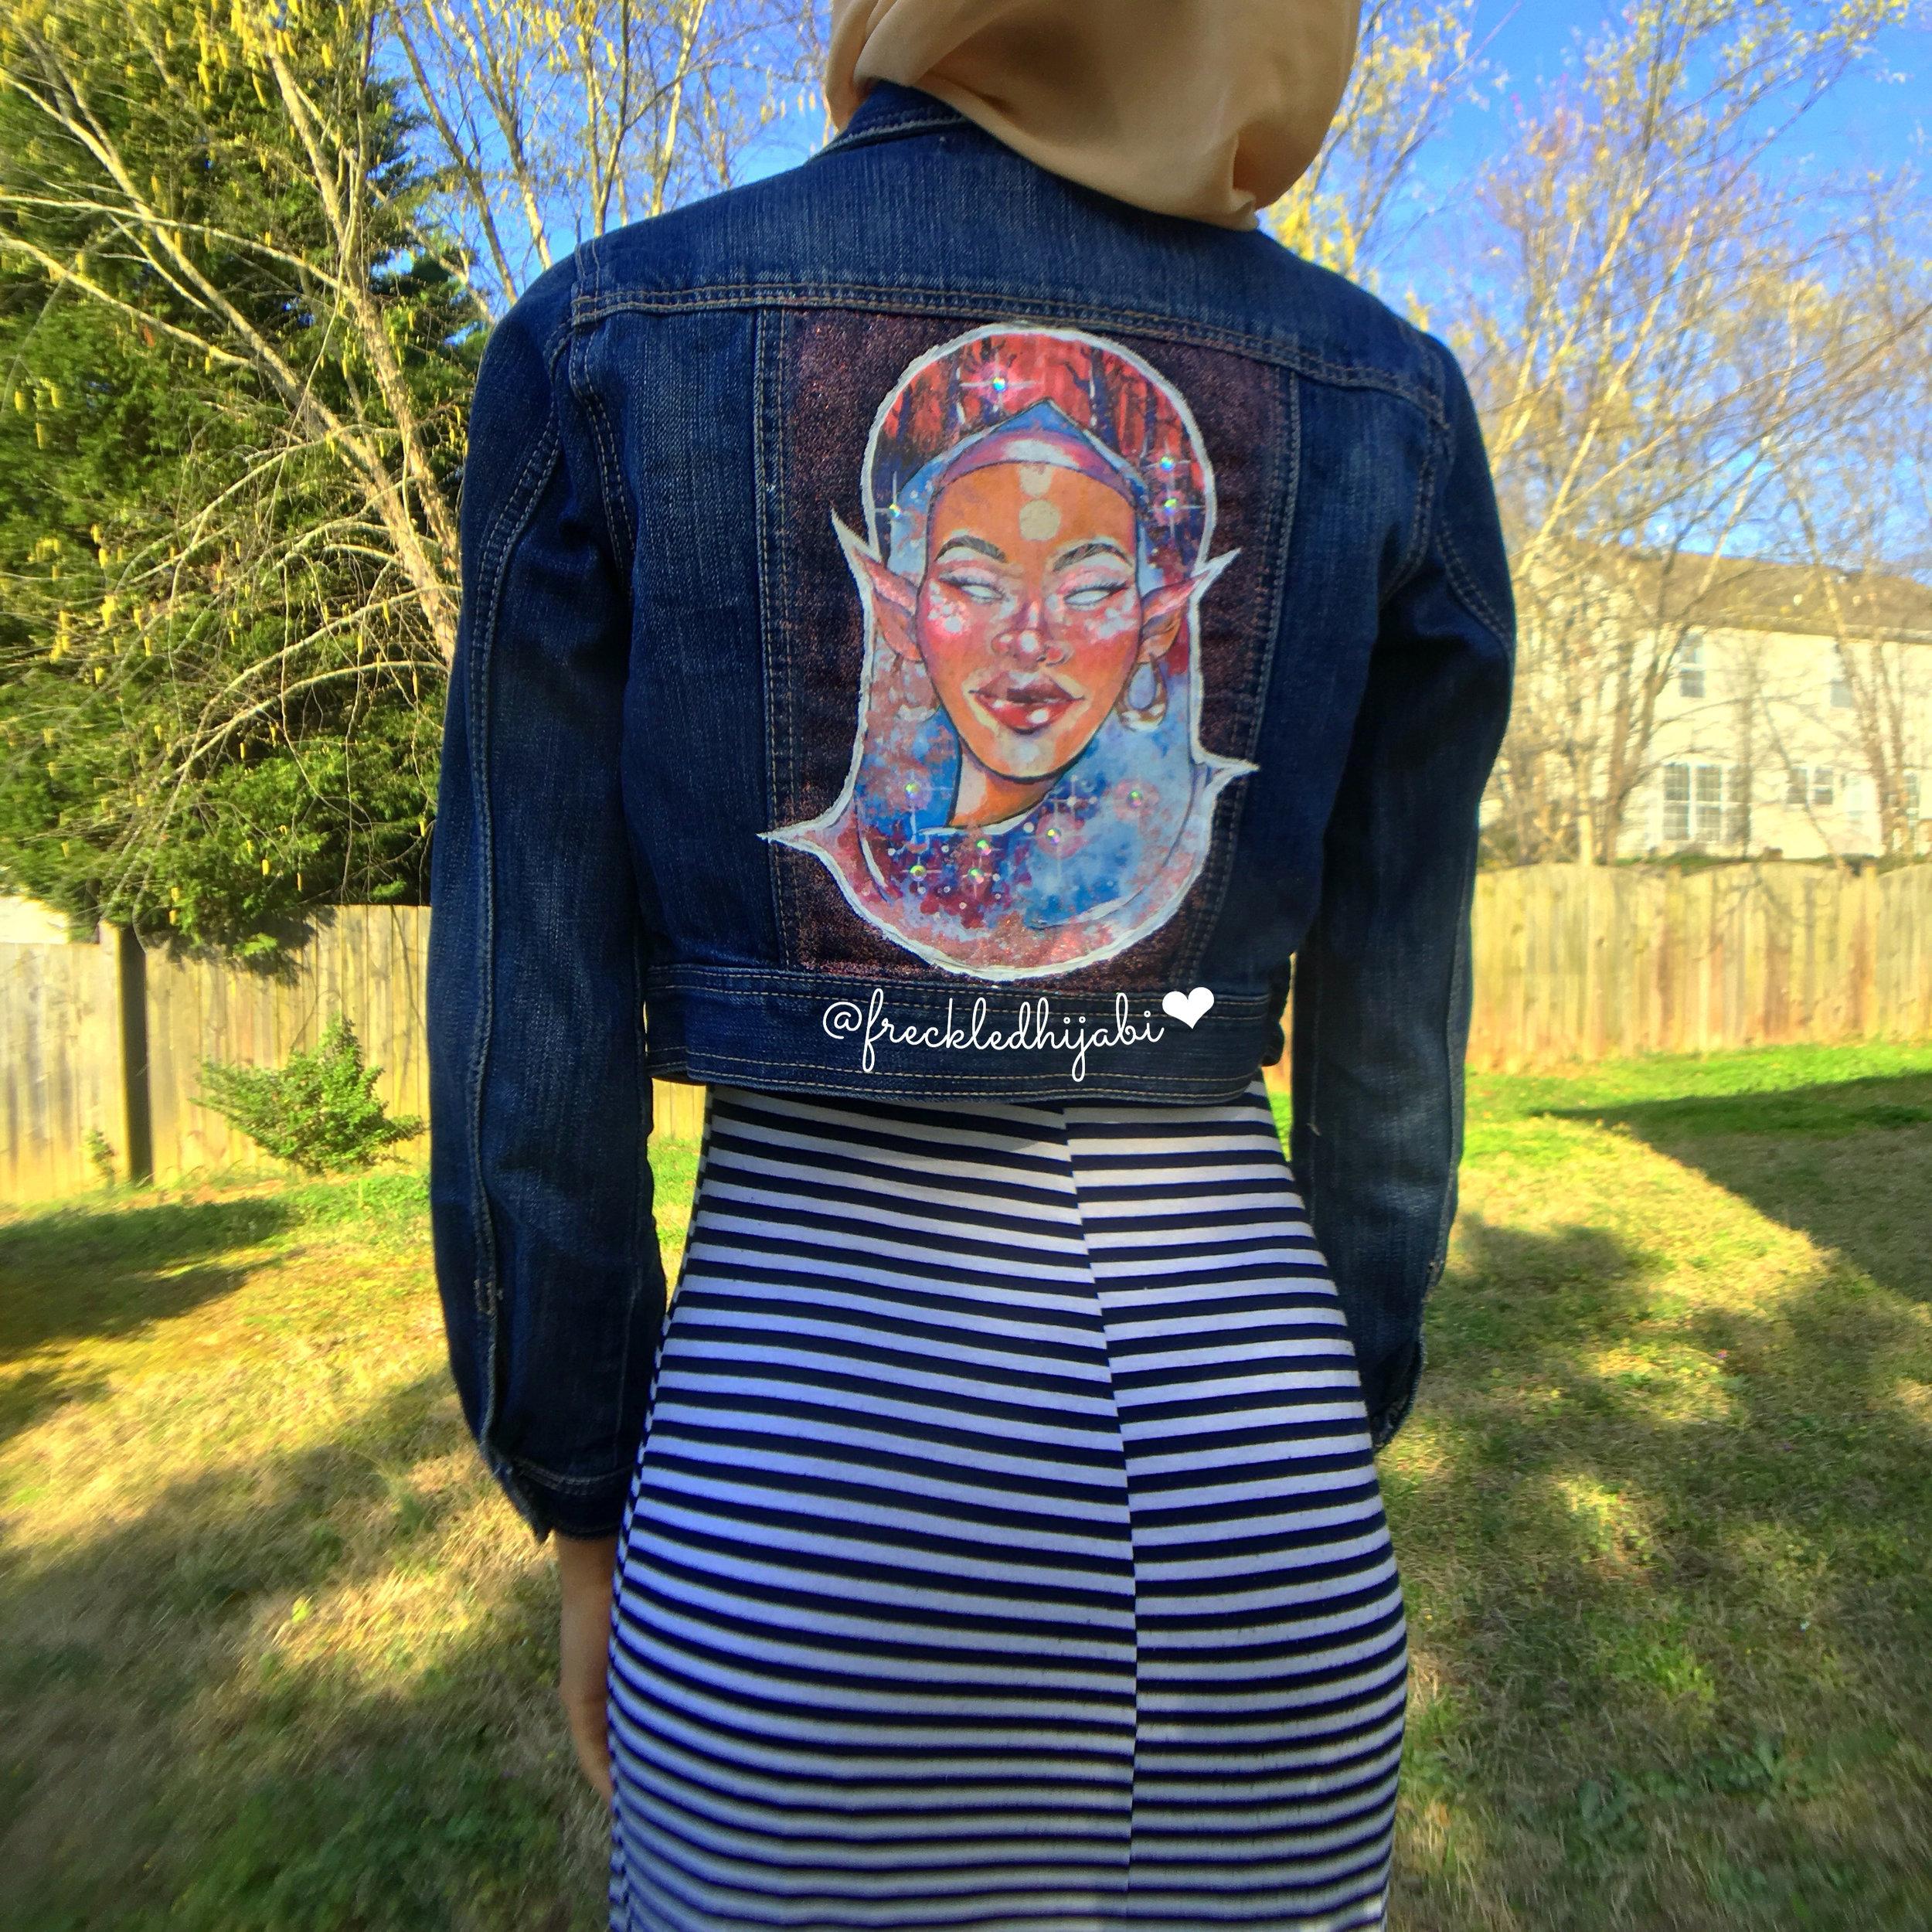 Aqilla printed on a jacket